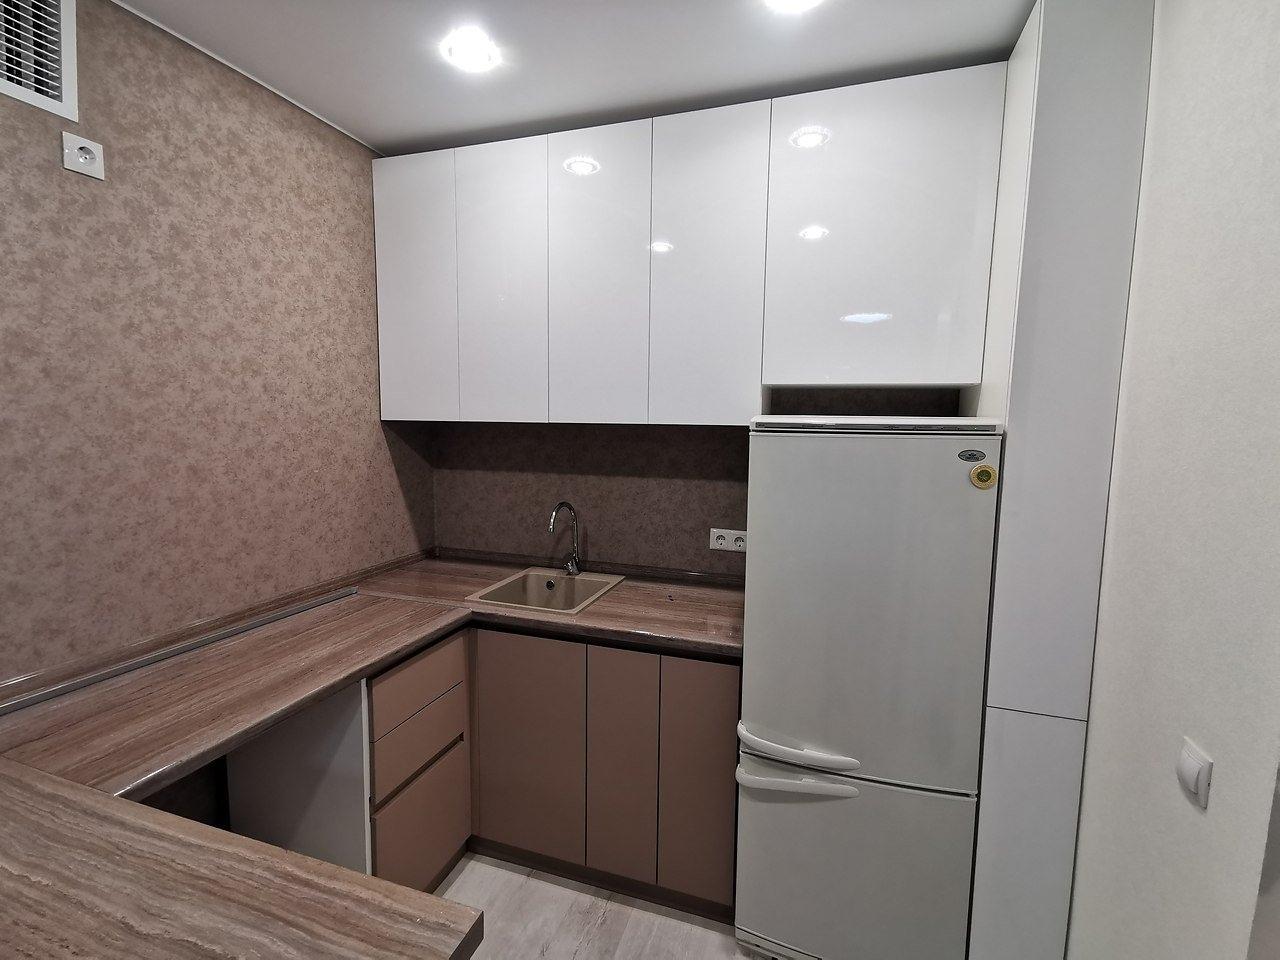 Наша новая кухня в студии - почти закончили ремонт